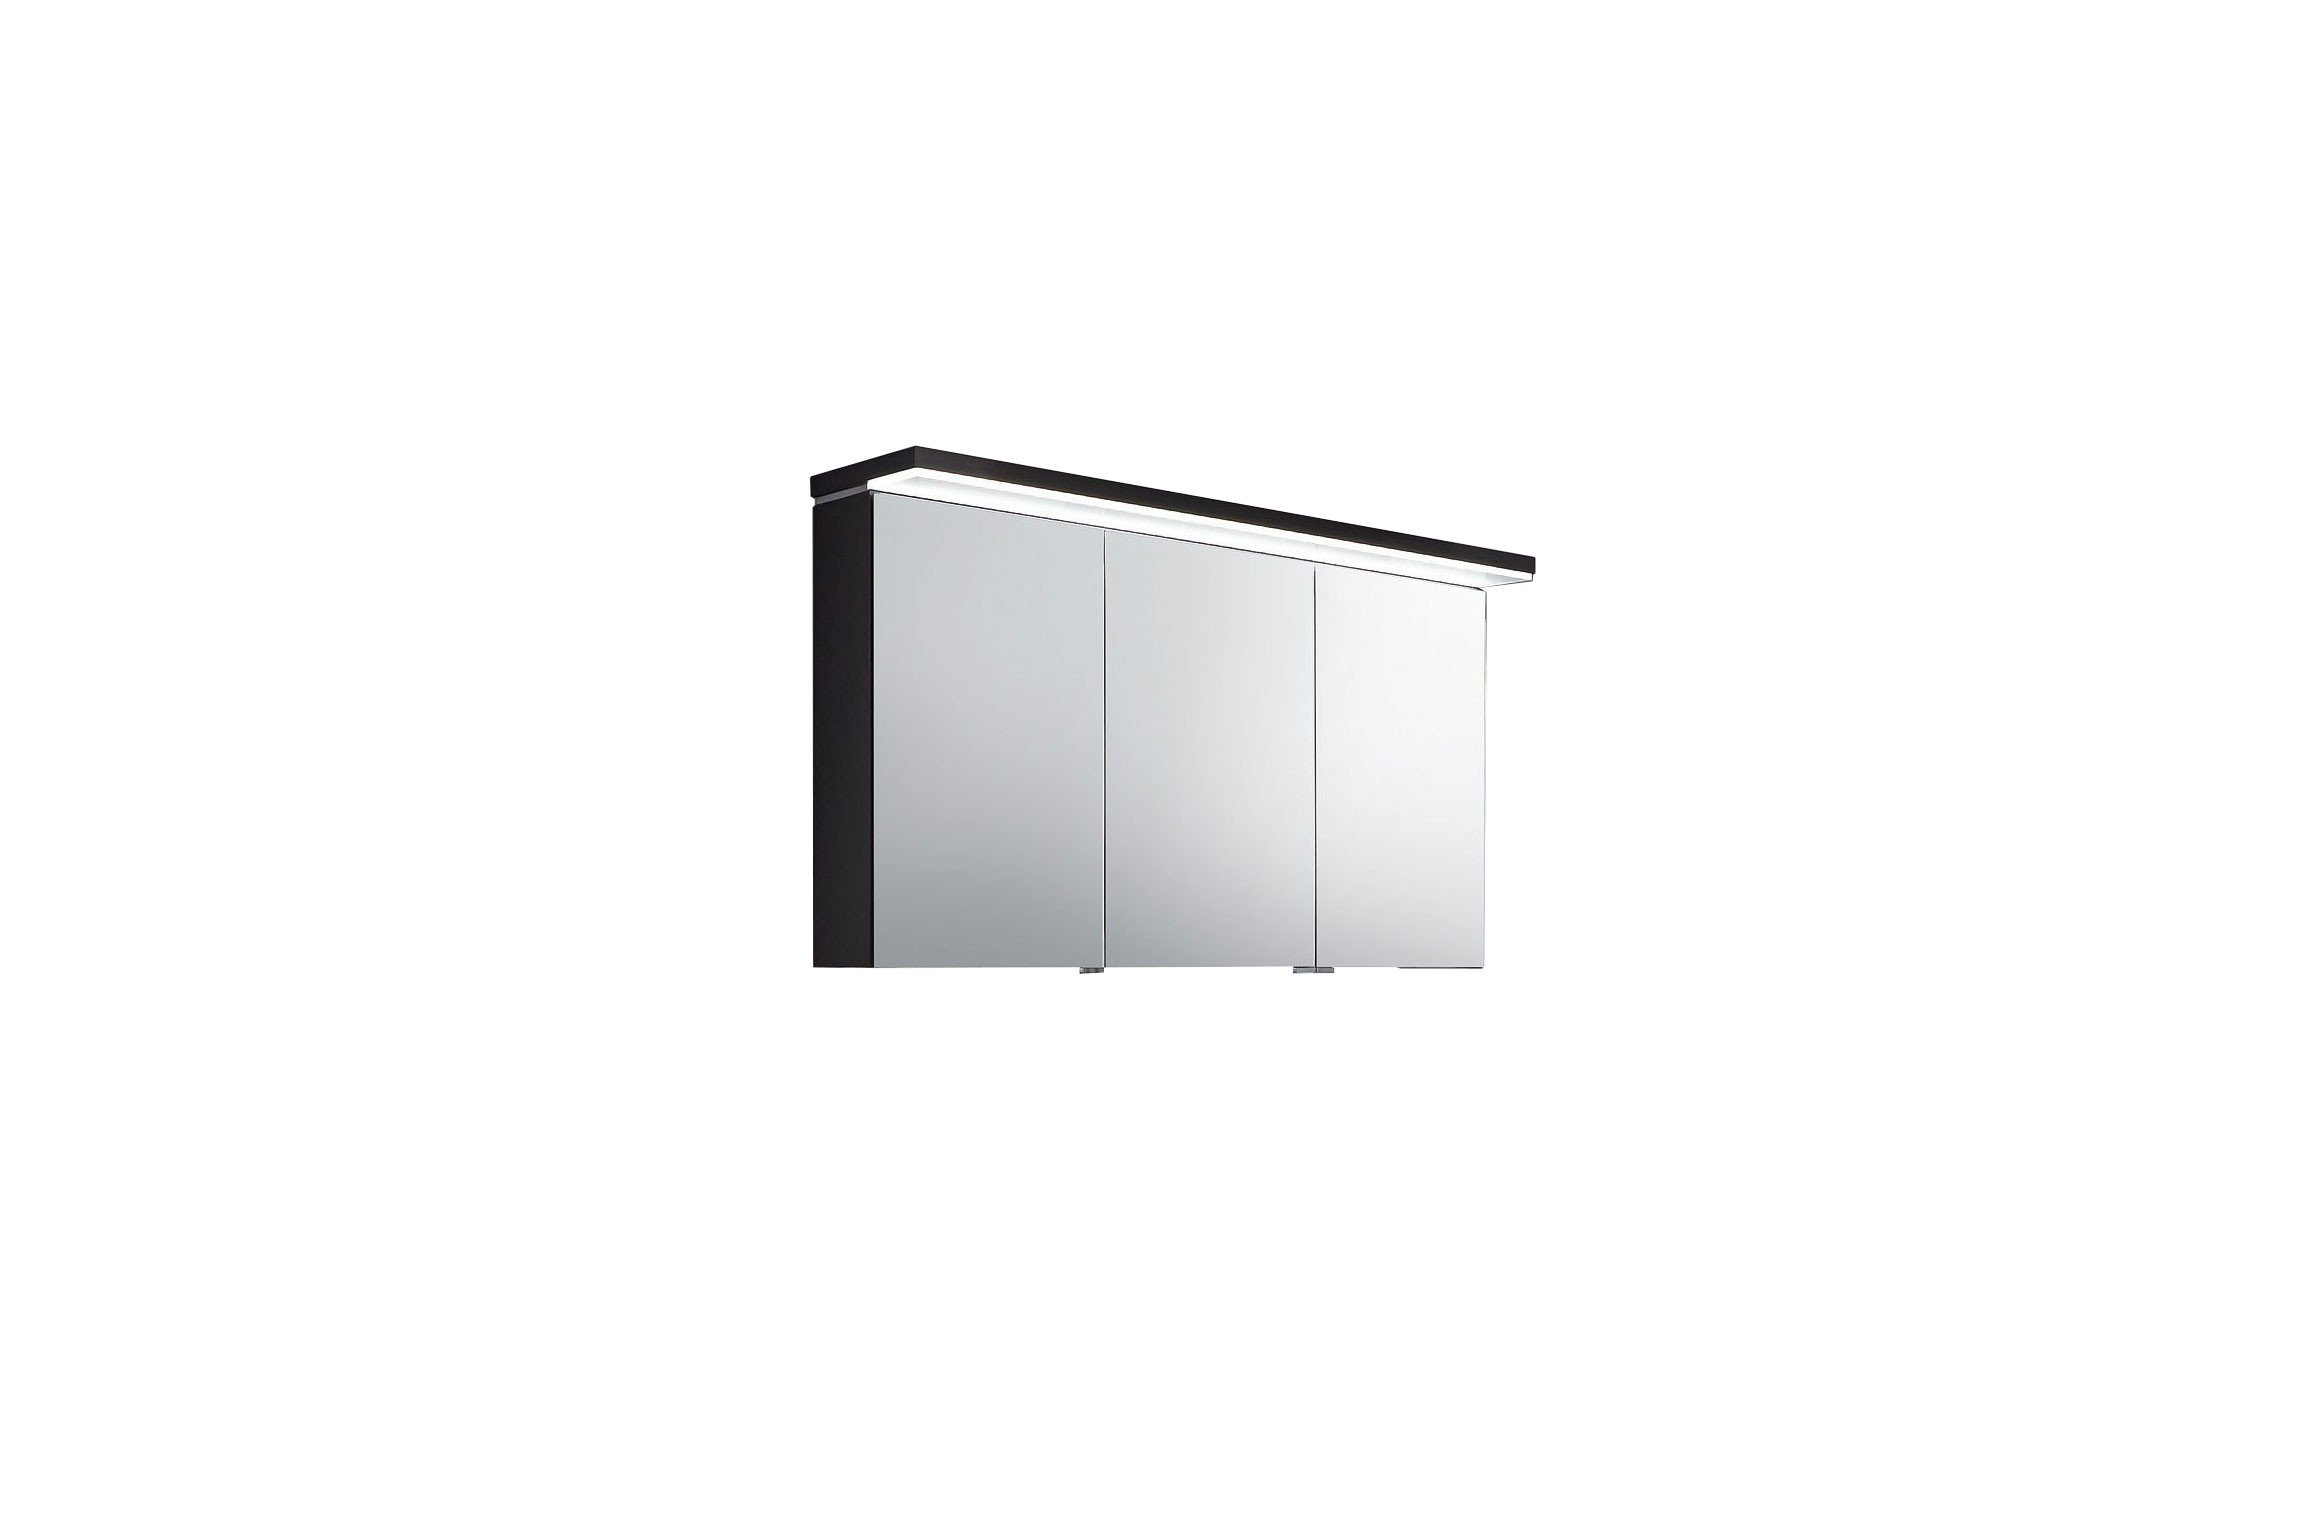 Badezimmer Cool Line In Anthrazit Hochglanz Von Puris Mobel Letz